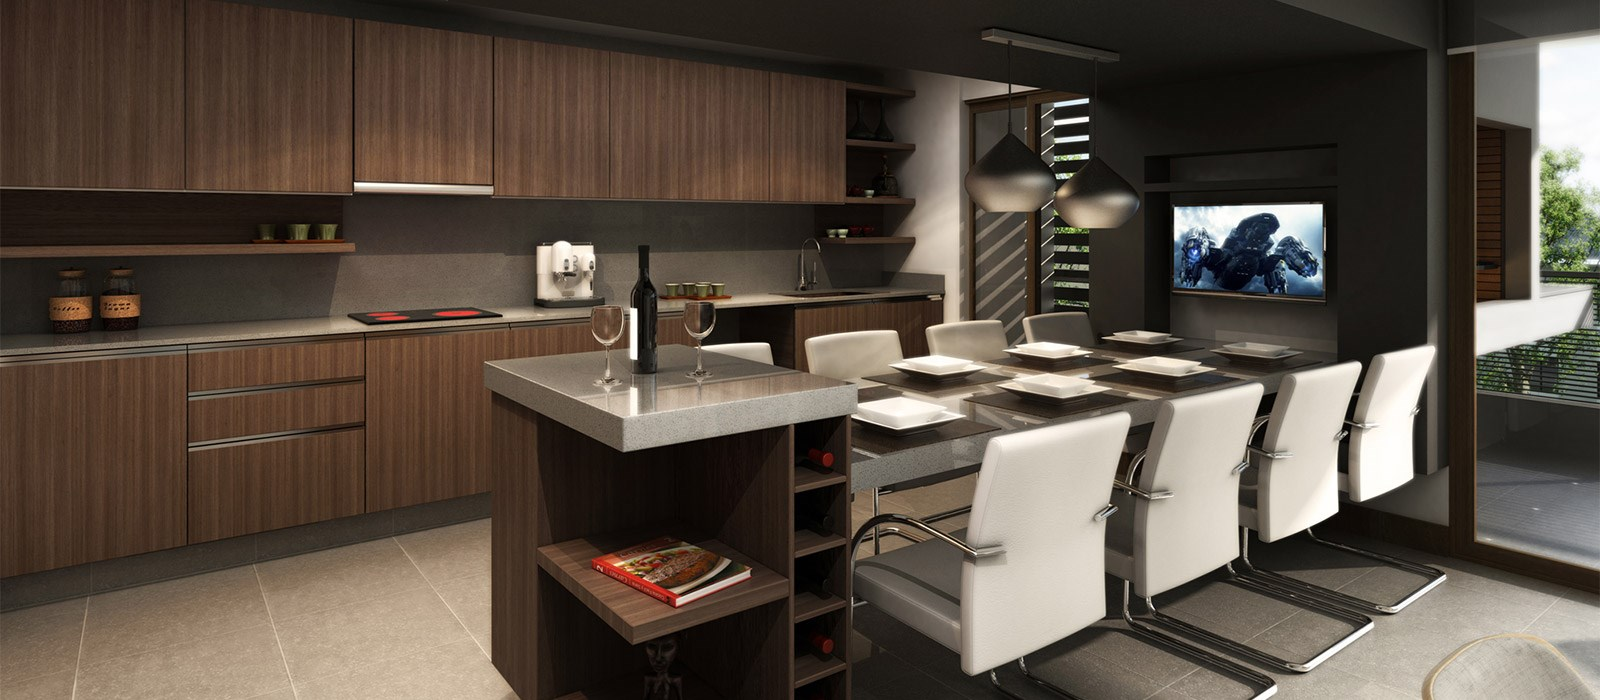 cocinas integradas jorge matte